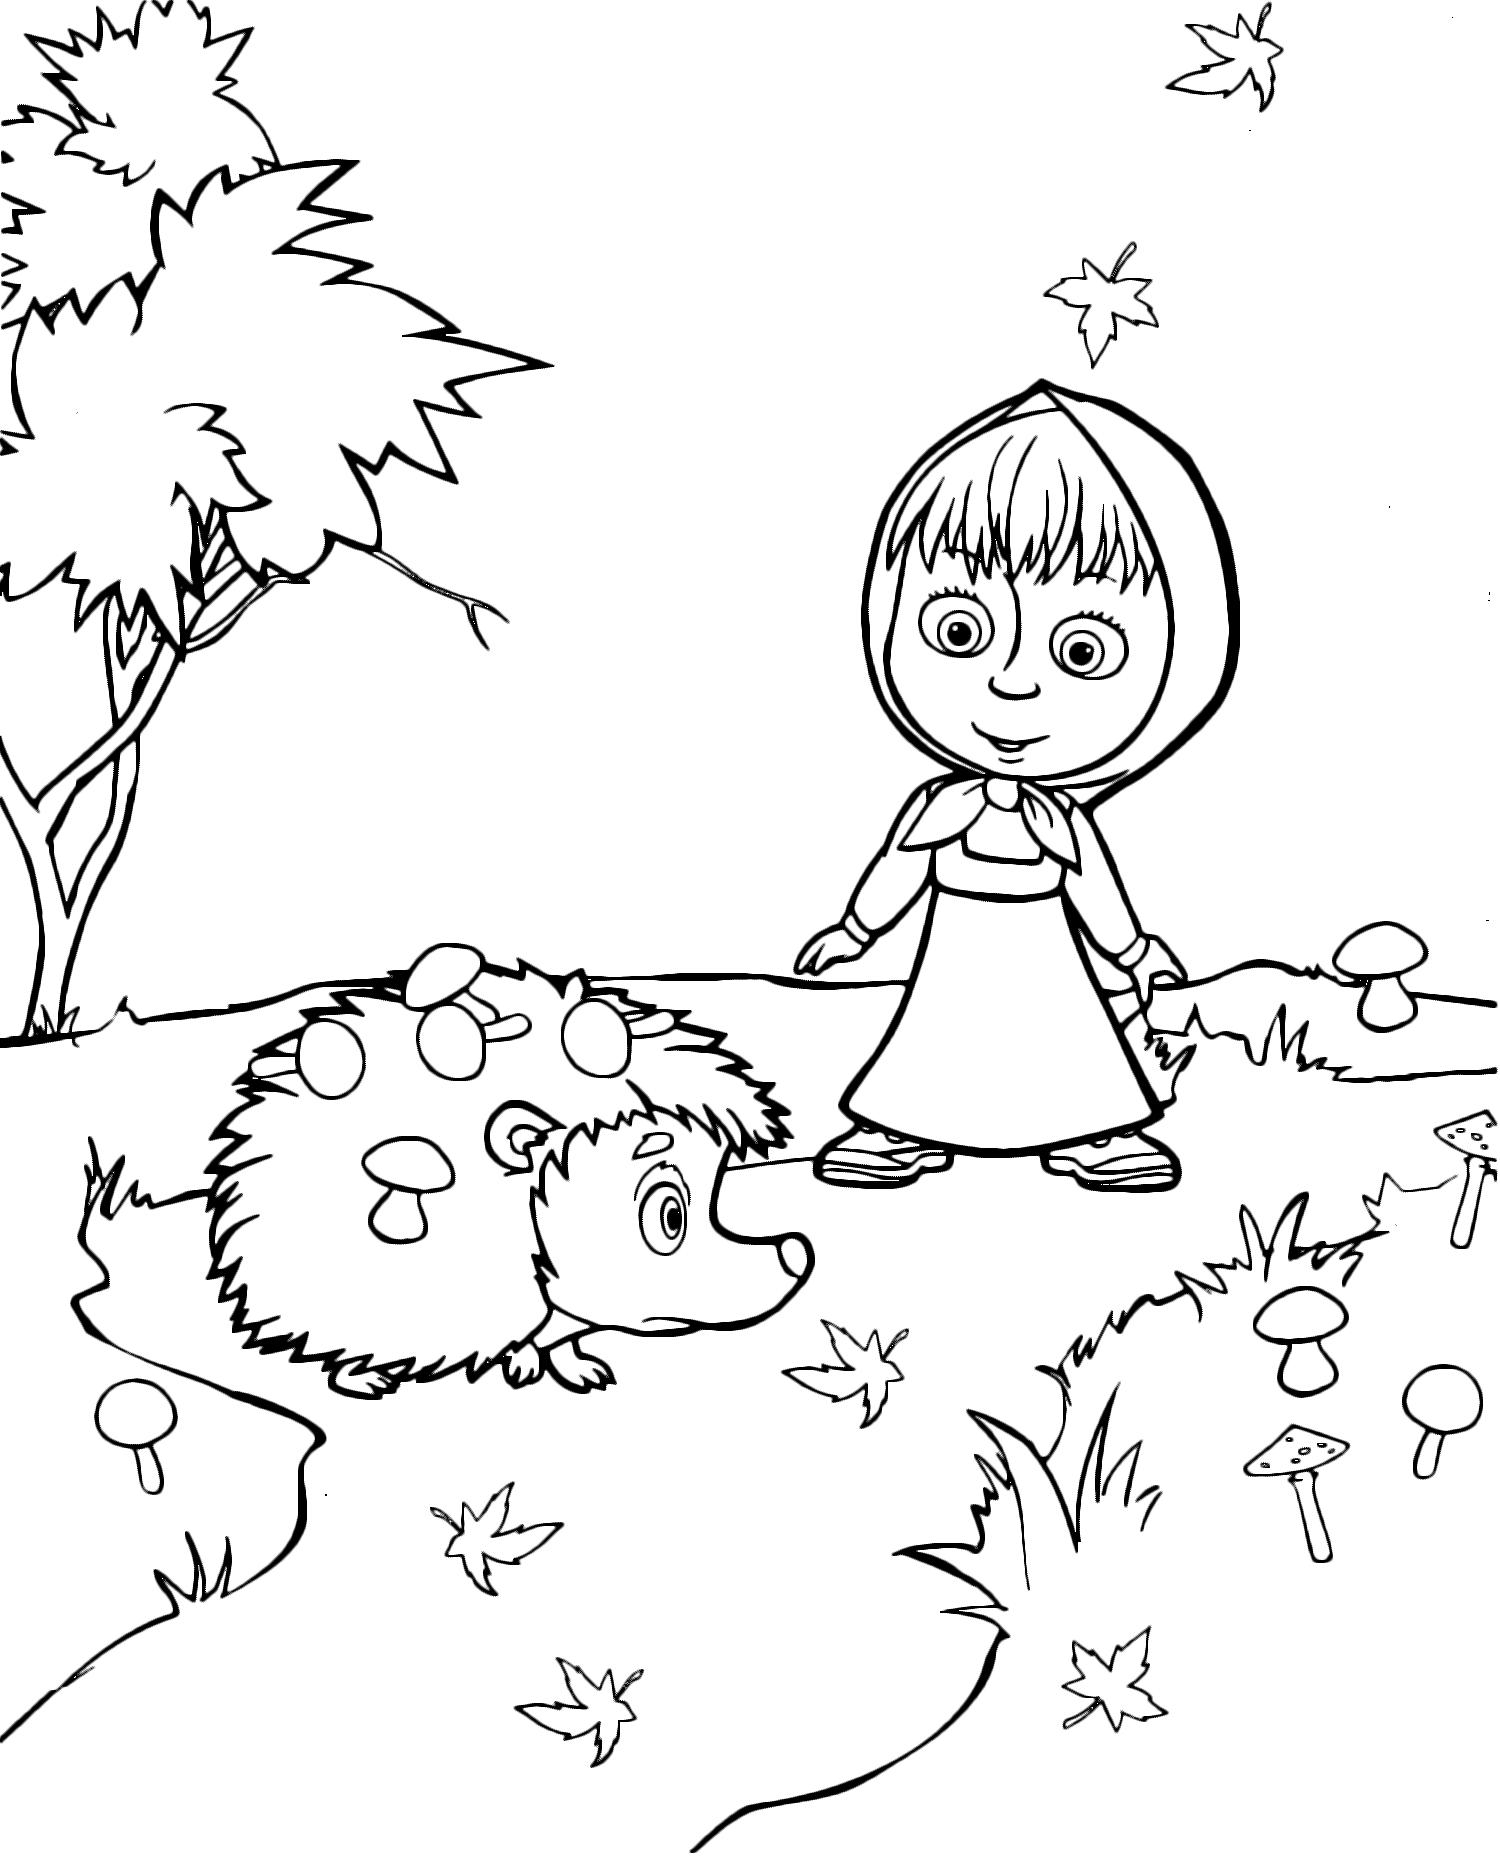 Masha e orso masha guarda stupita il riccio con i funghi for Masha e orso disegni da colorare